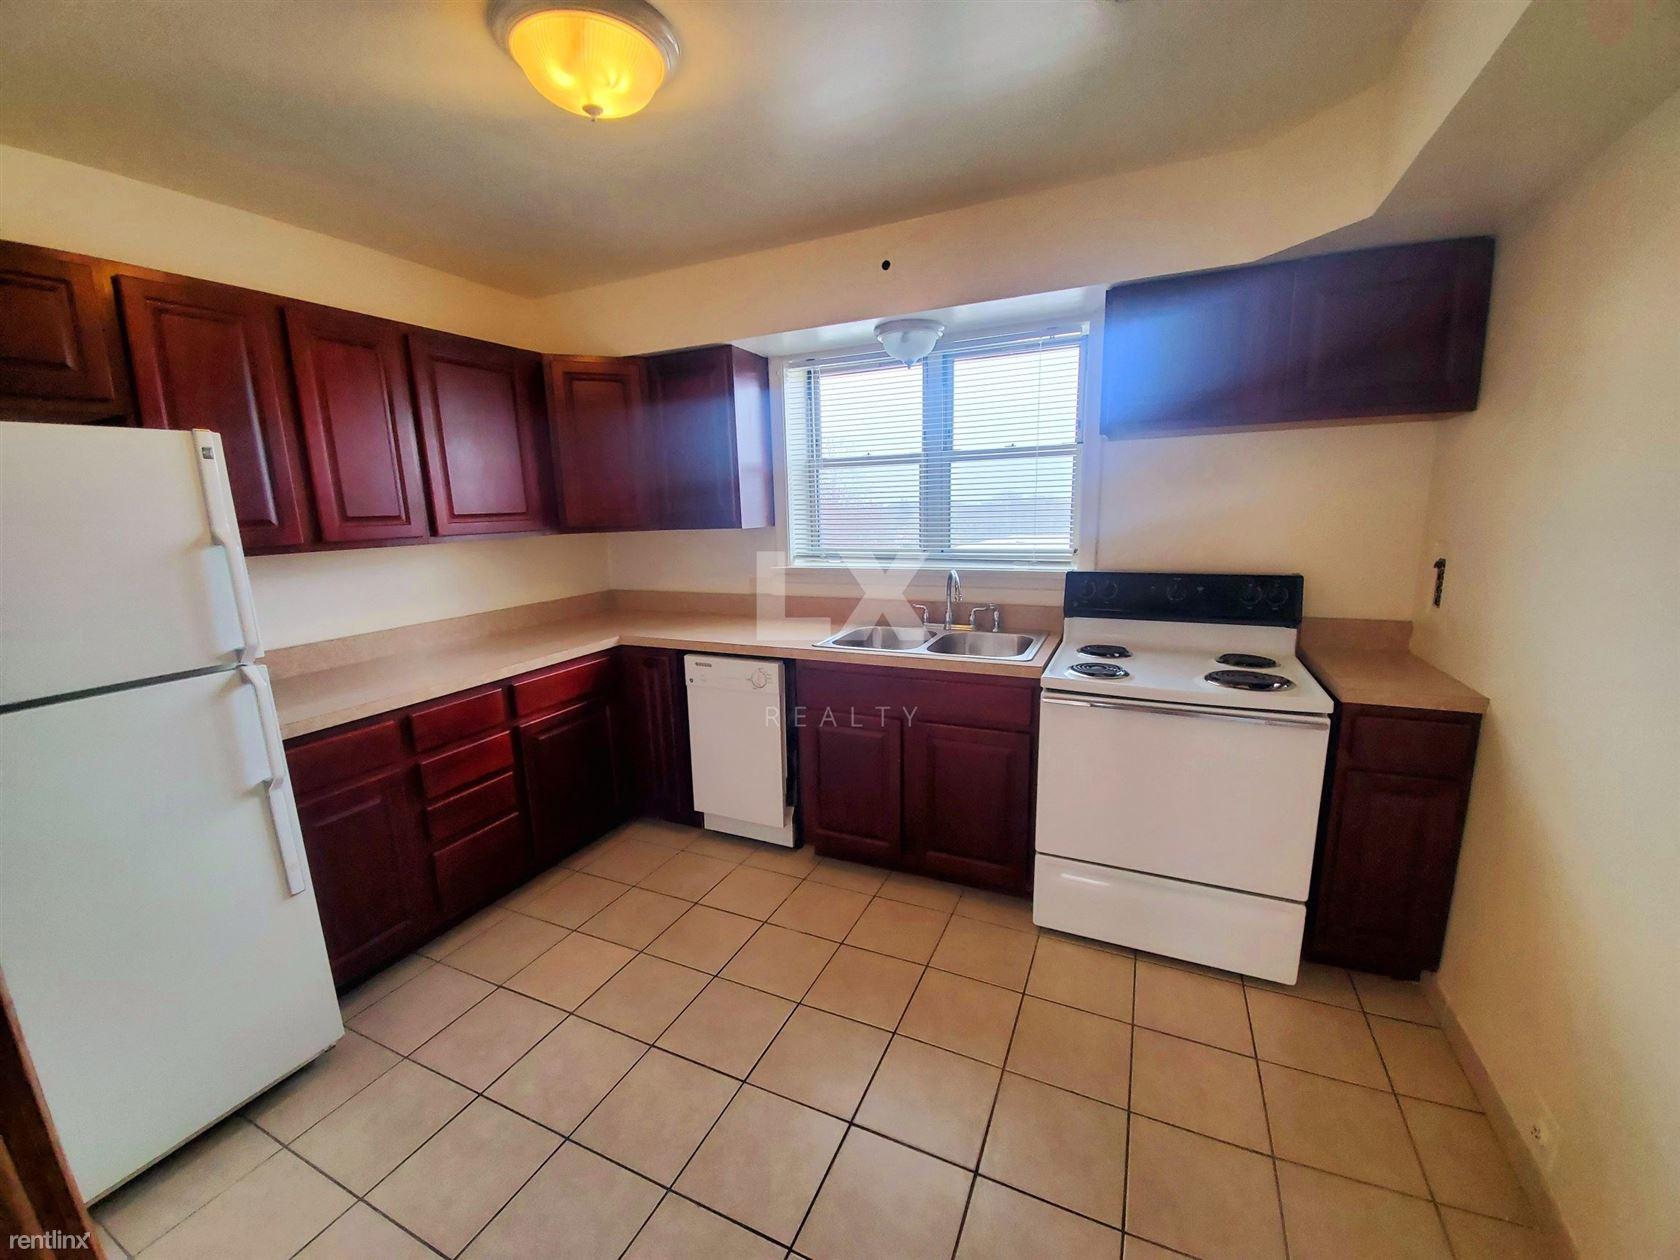 4619 Davis St, Skokie, IL - $1,350